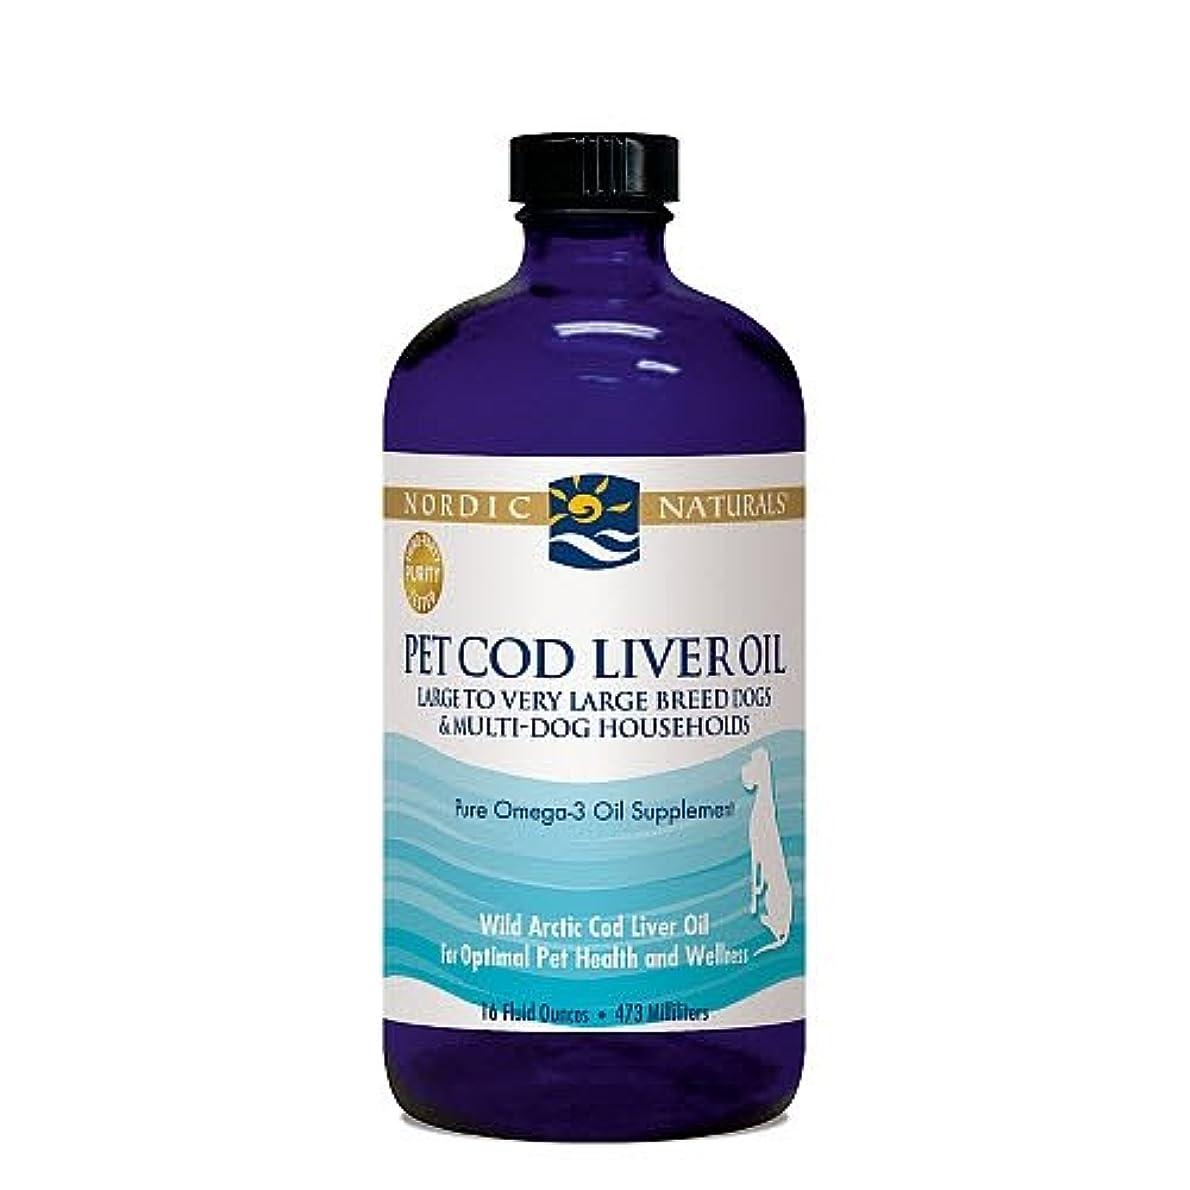 因子スタイルボンドNordic Naturals ペット CLO サプリメント コド リバー オイル 液体 16オンス